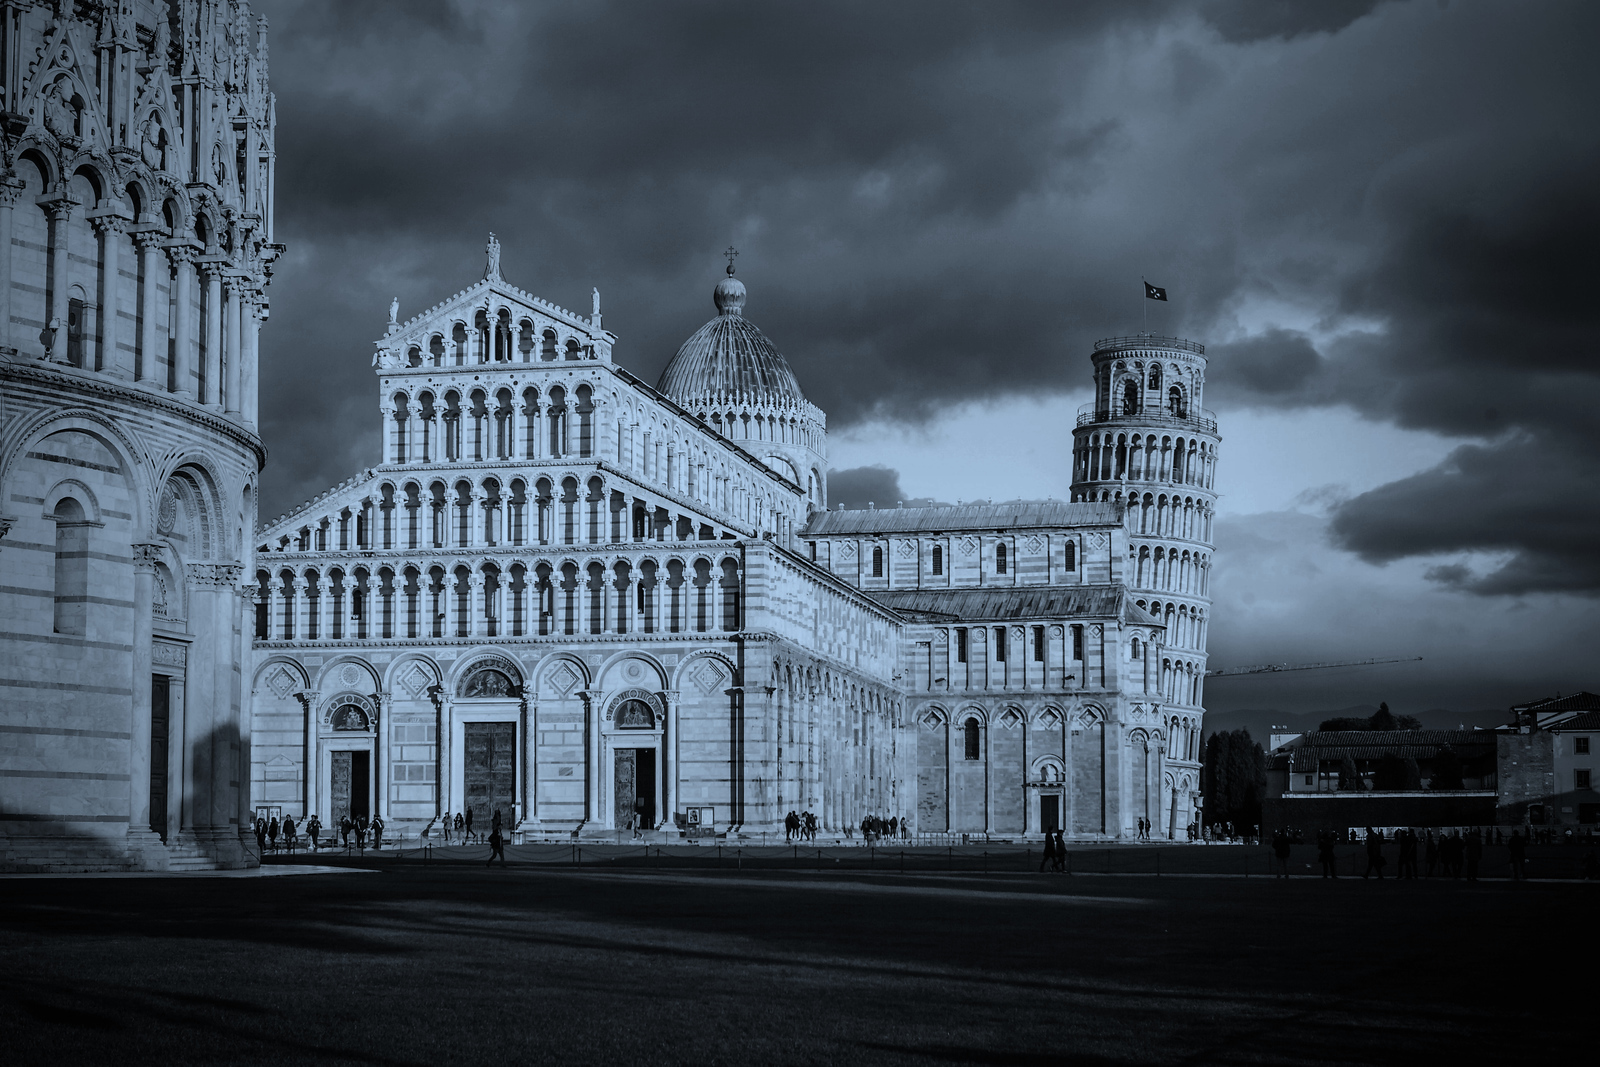 意大利比萨斜塔,闻名遐迩